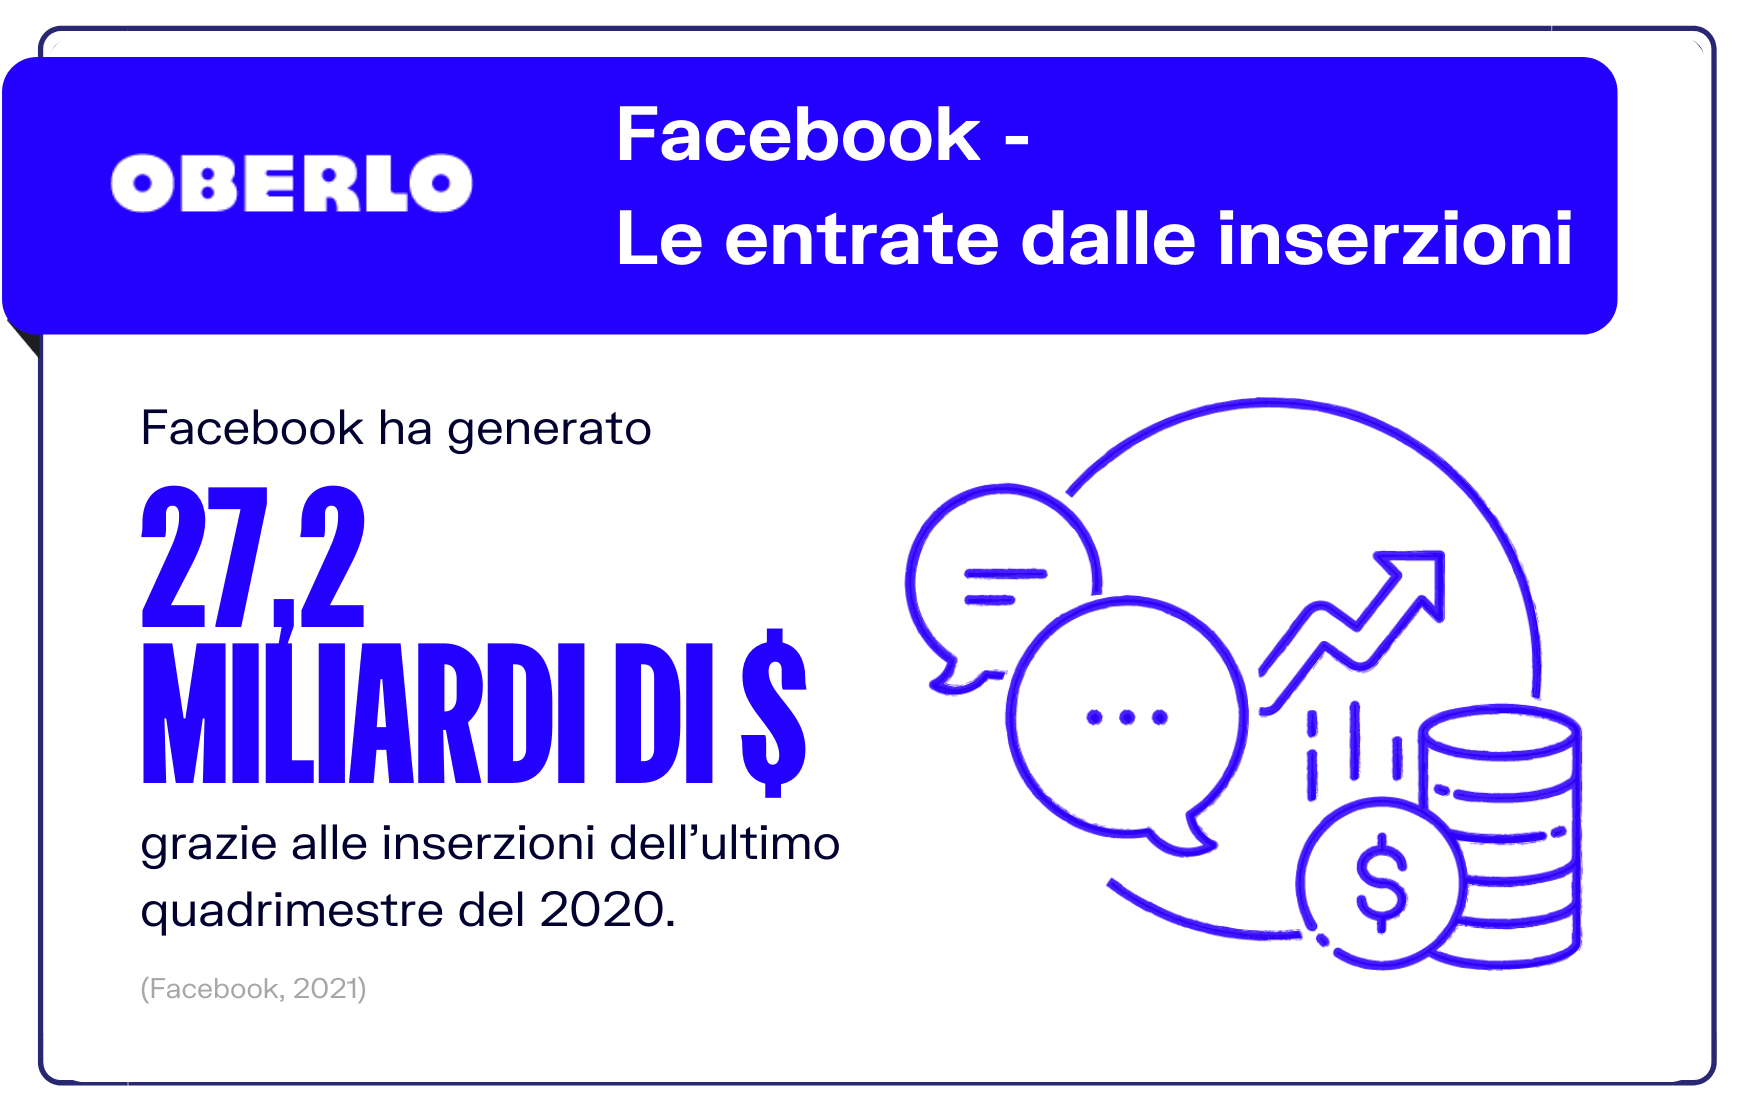 statistiche facebook 2021: facebook ha generato 27 miliardi di dollari con le inserzioni